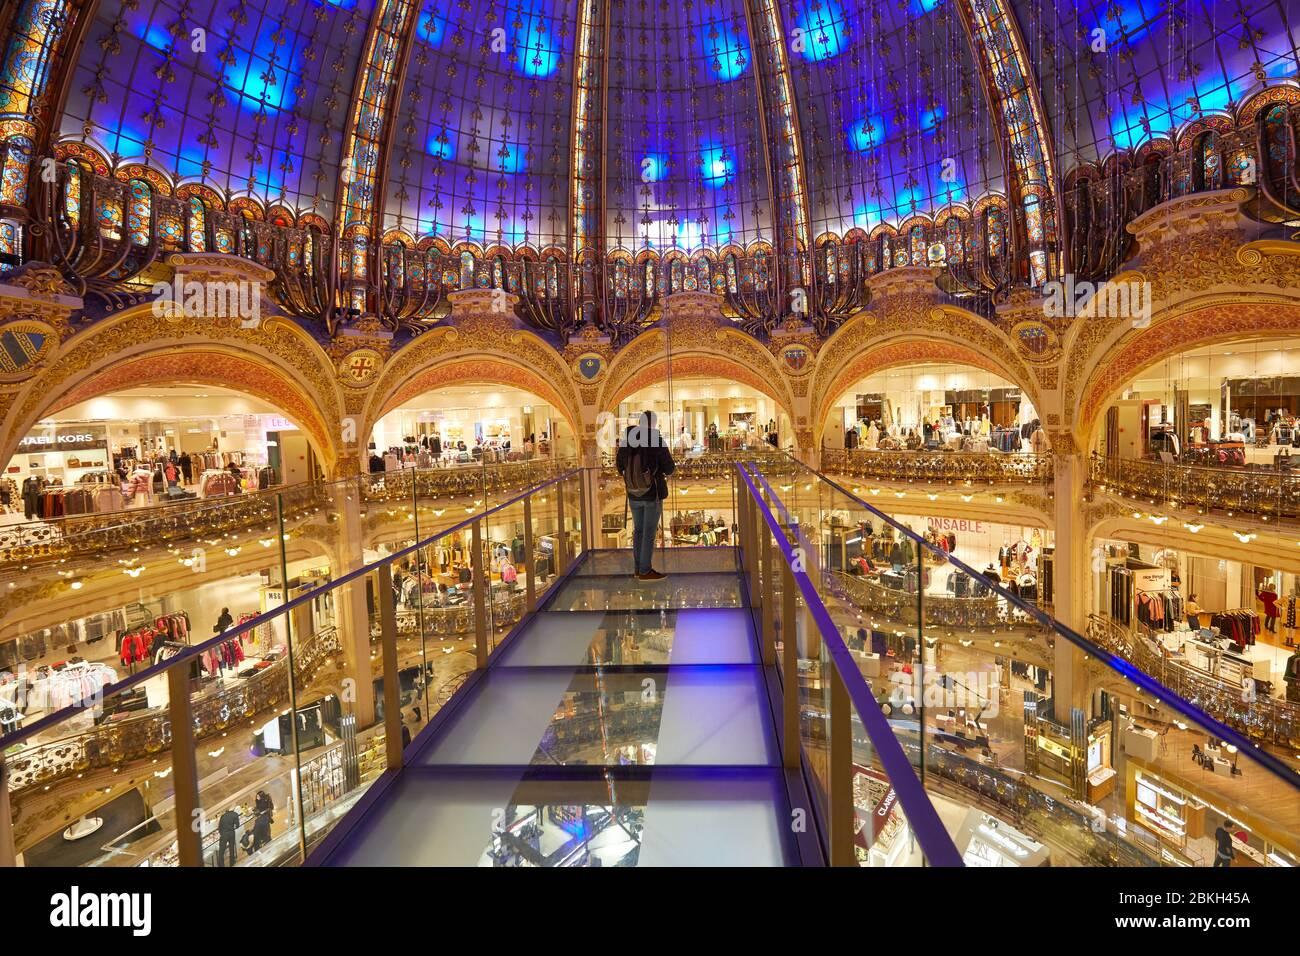 PARIS - 6 NOVEMBRE 2019: Galeries Lafayette intérieur avec installation Glasswalk avec une personne à Paris Banque D'Images